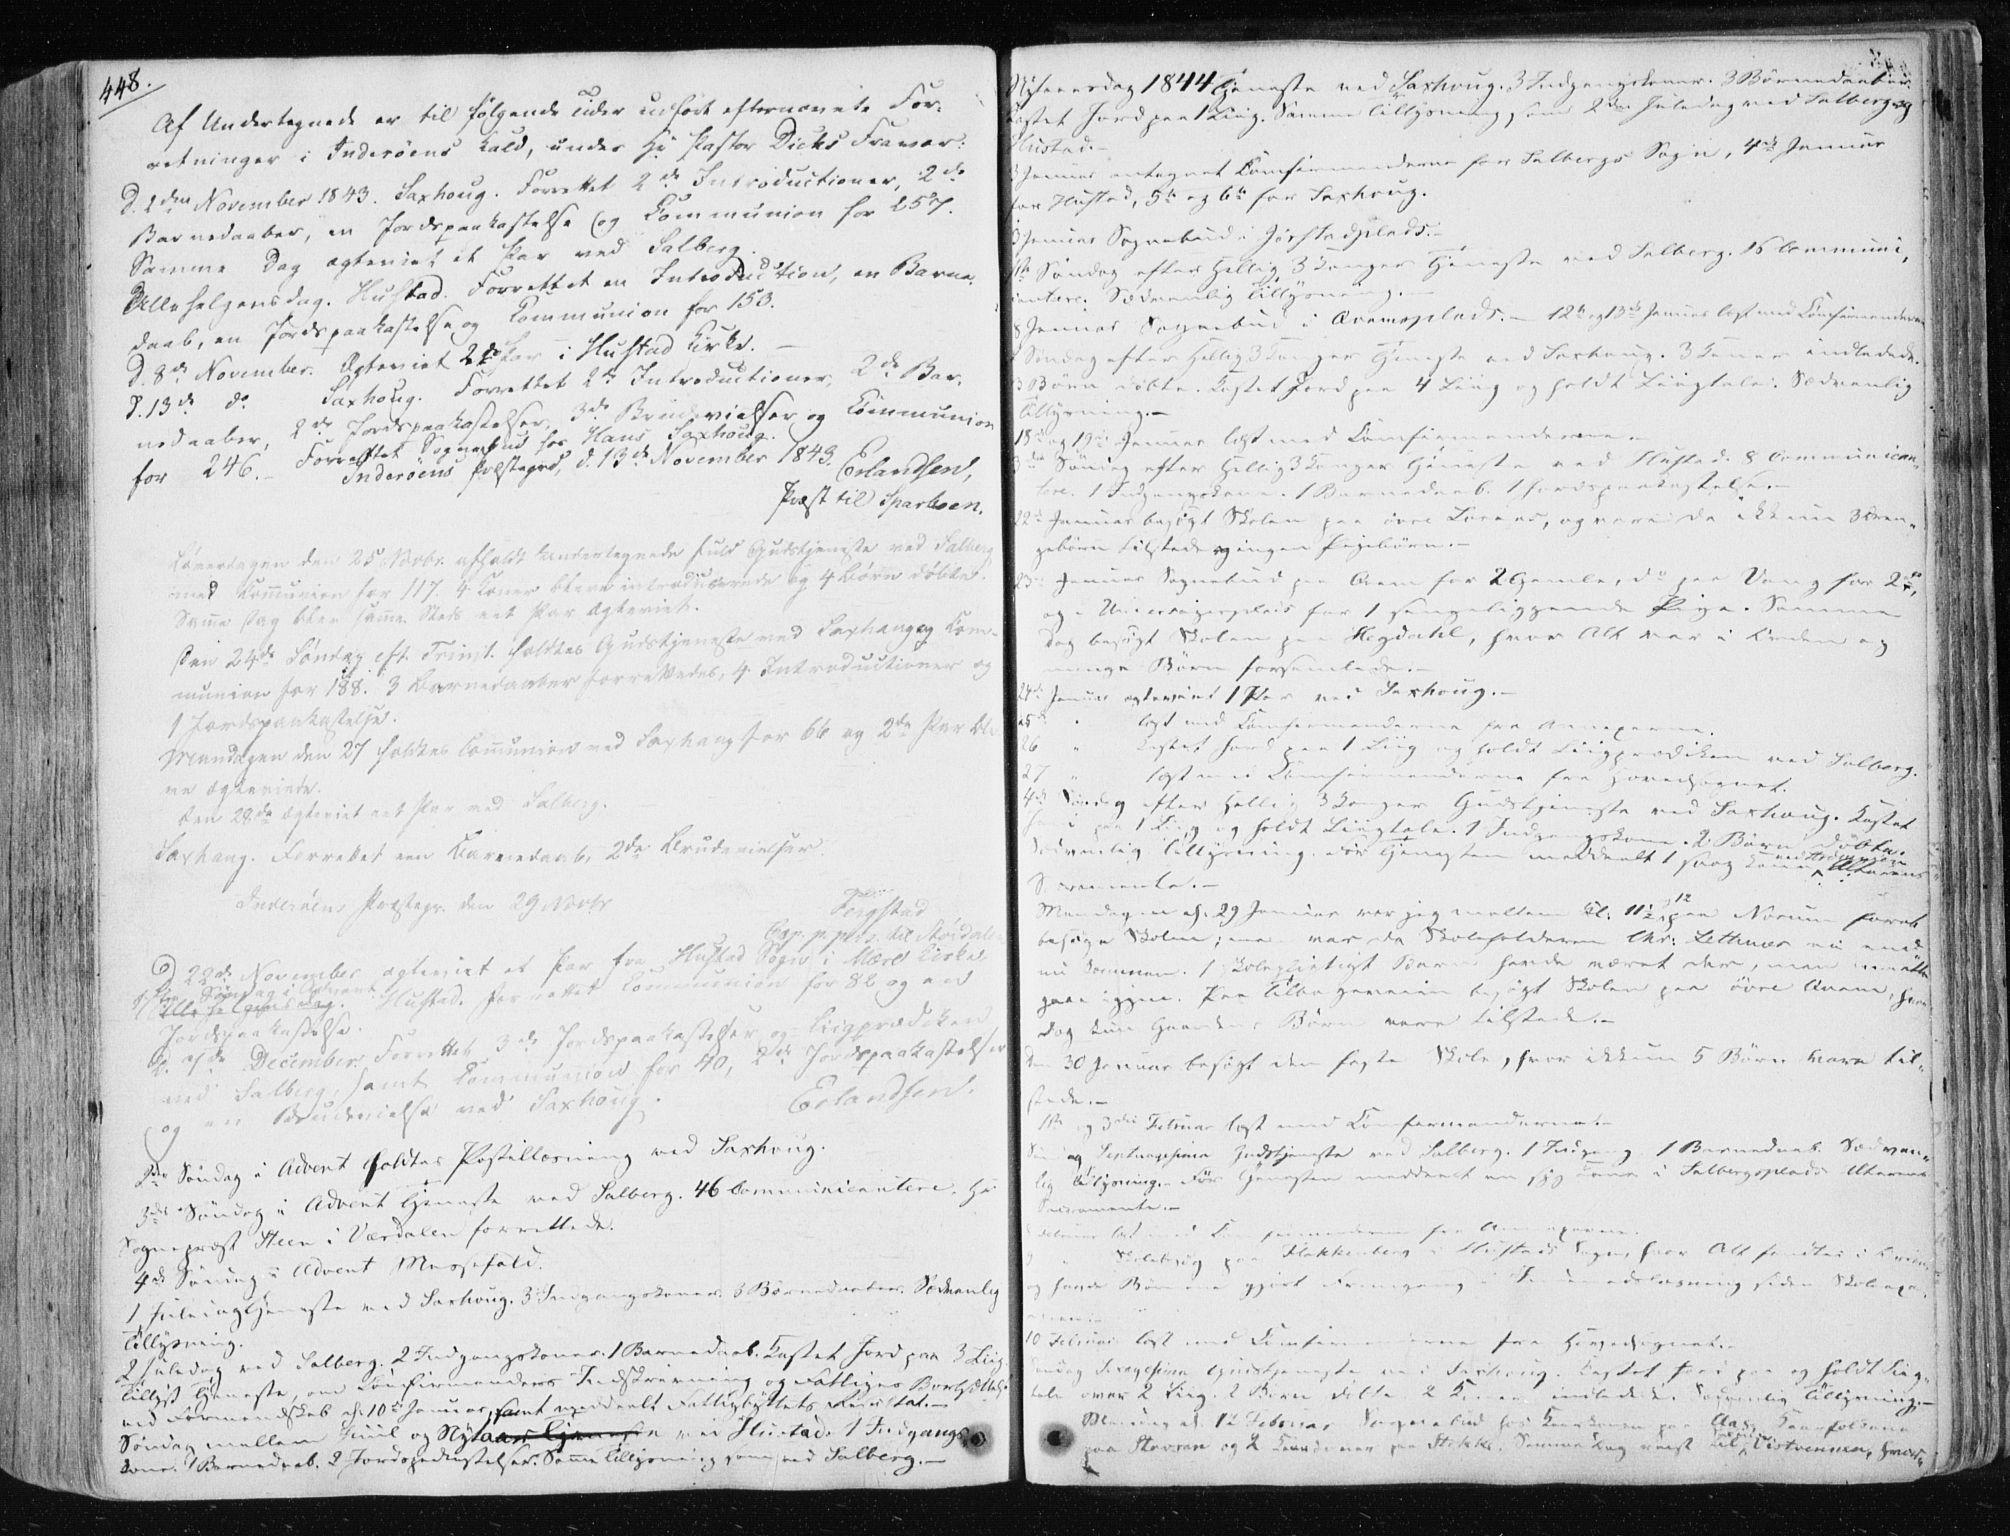 SAT, Ministerialprotokoller, klokkerbøker og fødselsregistre - Nord-Trøndelag, 730/L0280: Ministerialbok nr. 730A07 /1, 1840-1854, s. 448